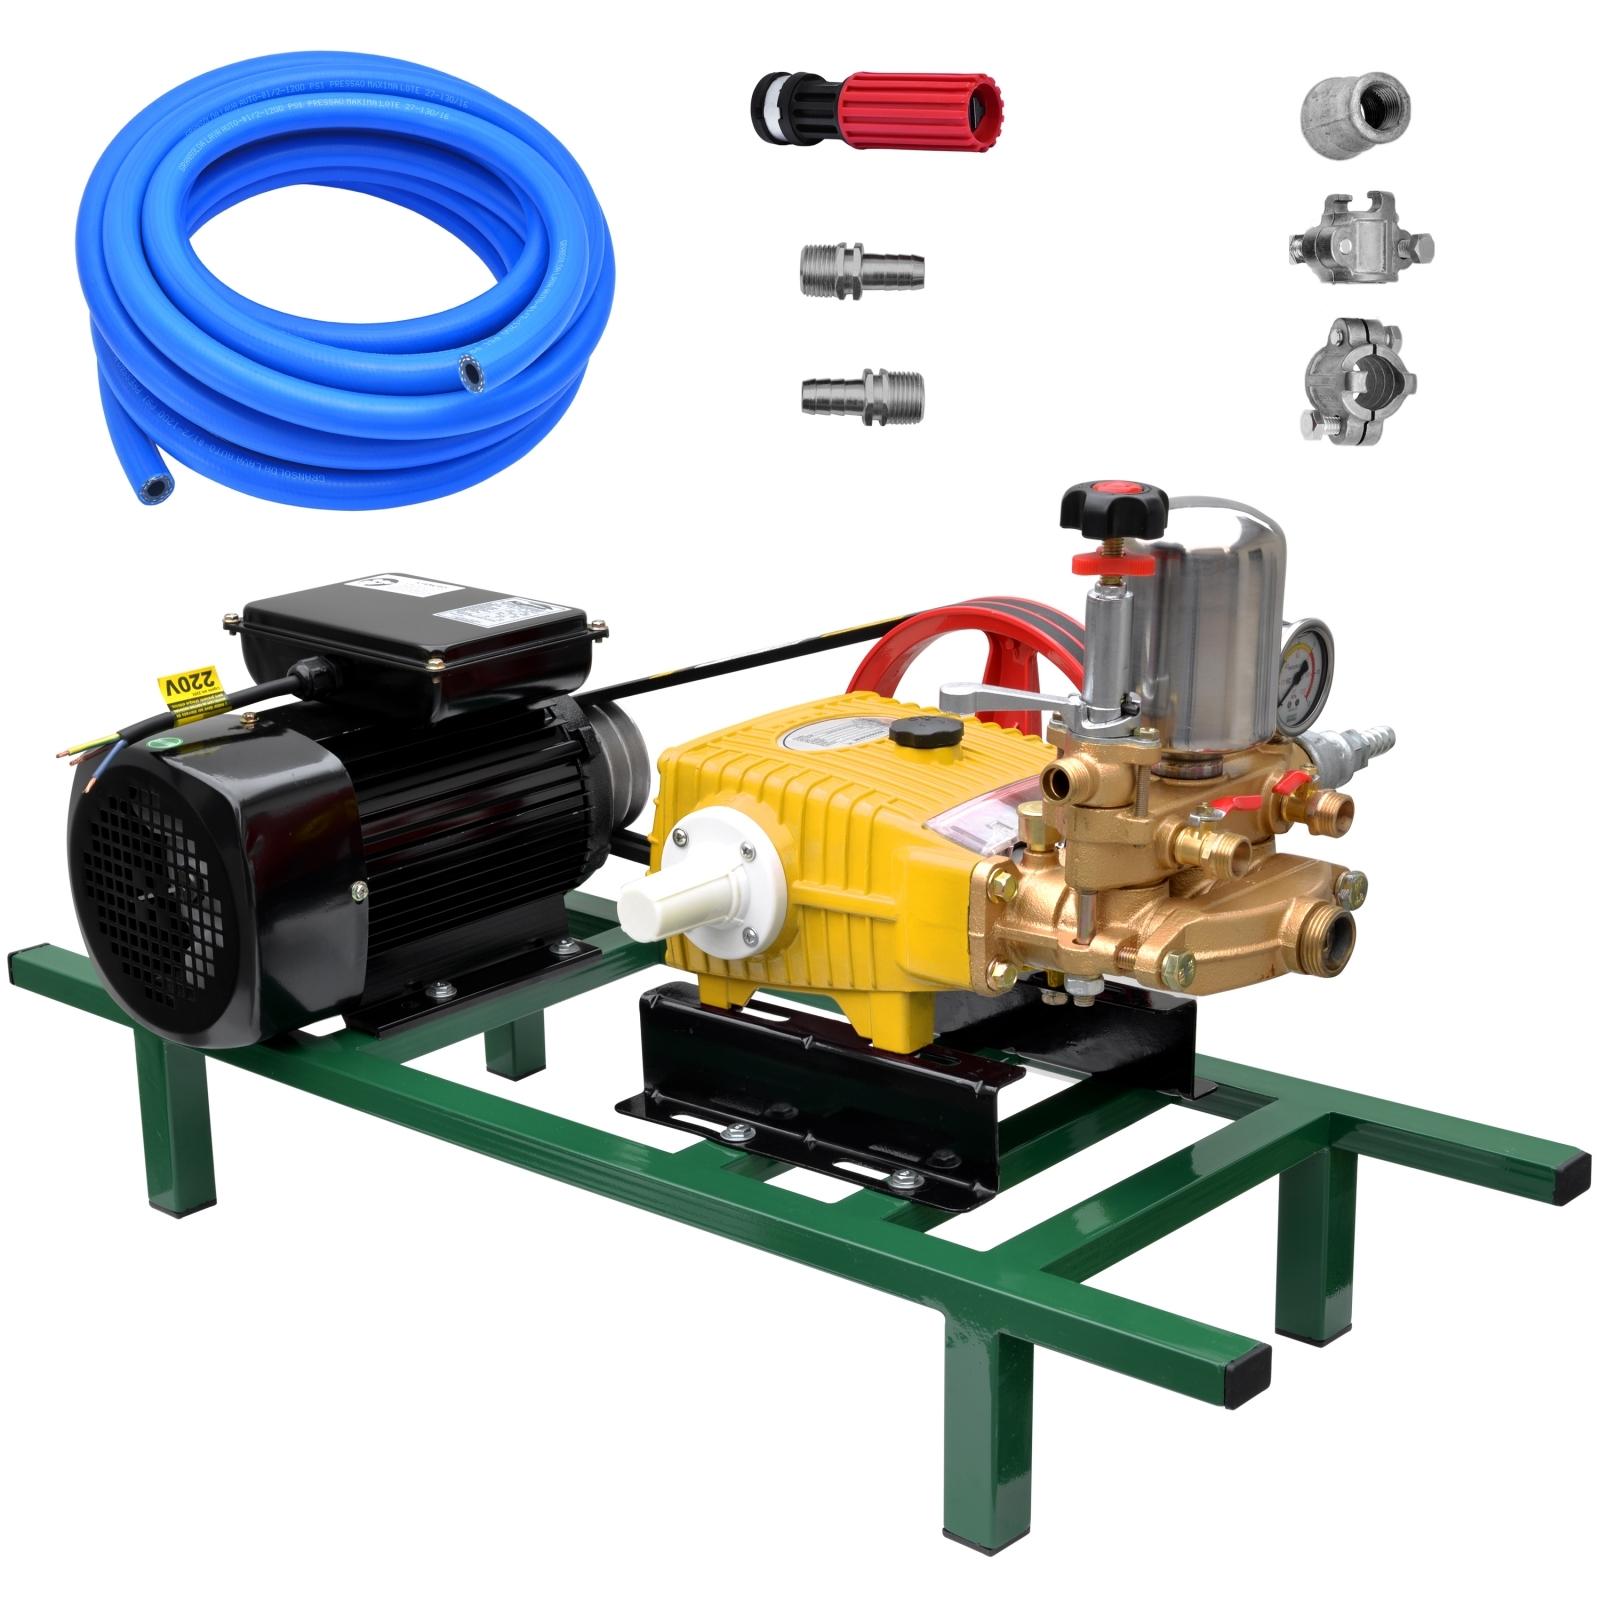 Bomba De Alta Pressão E Pulverização Zmax Zp45 + Motor marca Lynus 2cv 4p Lavacar Completa - Ferramentas MEP